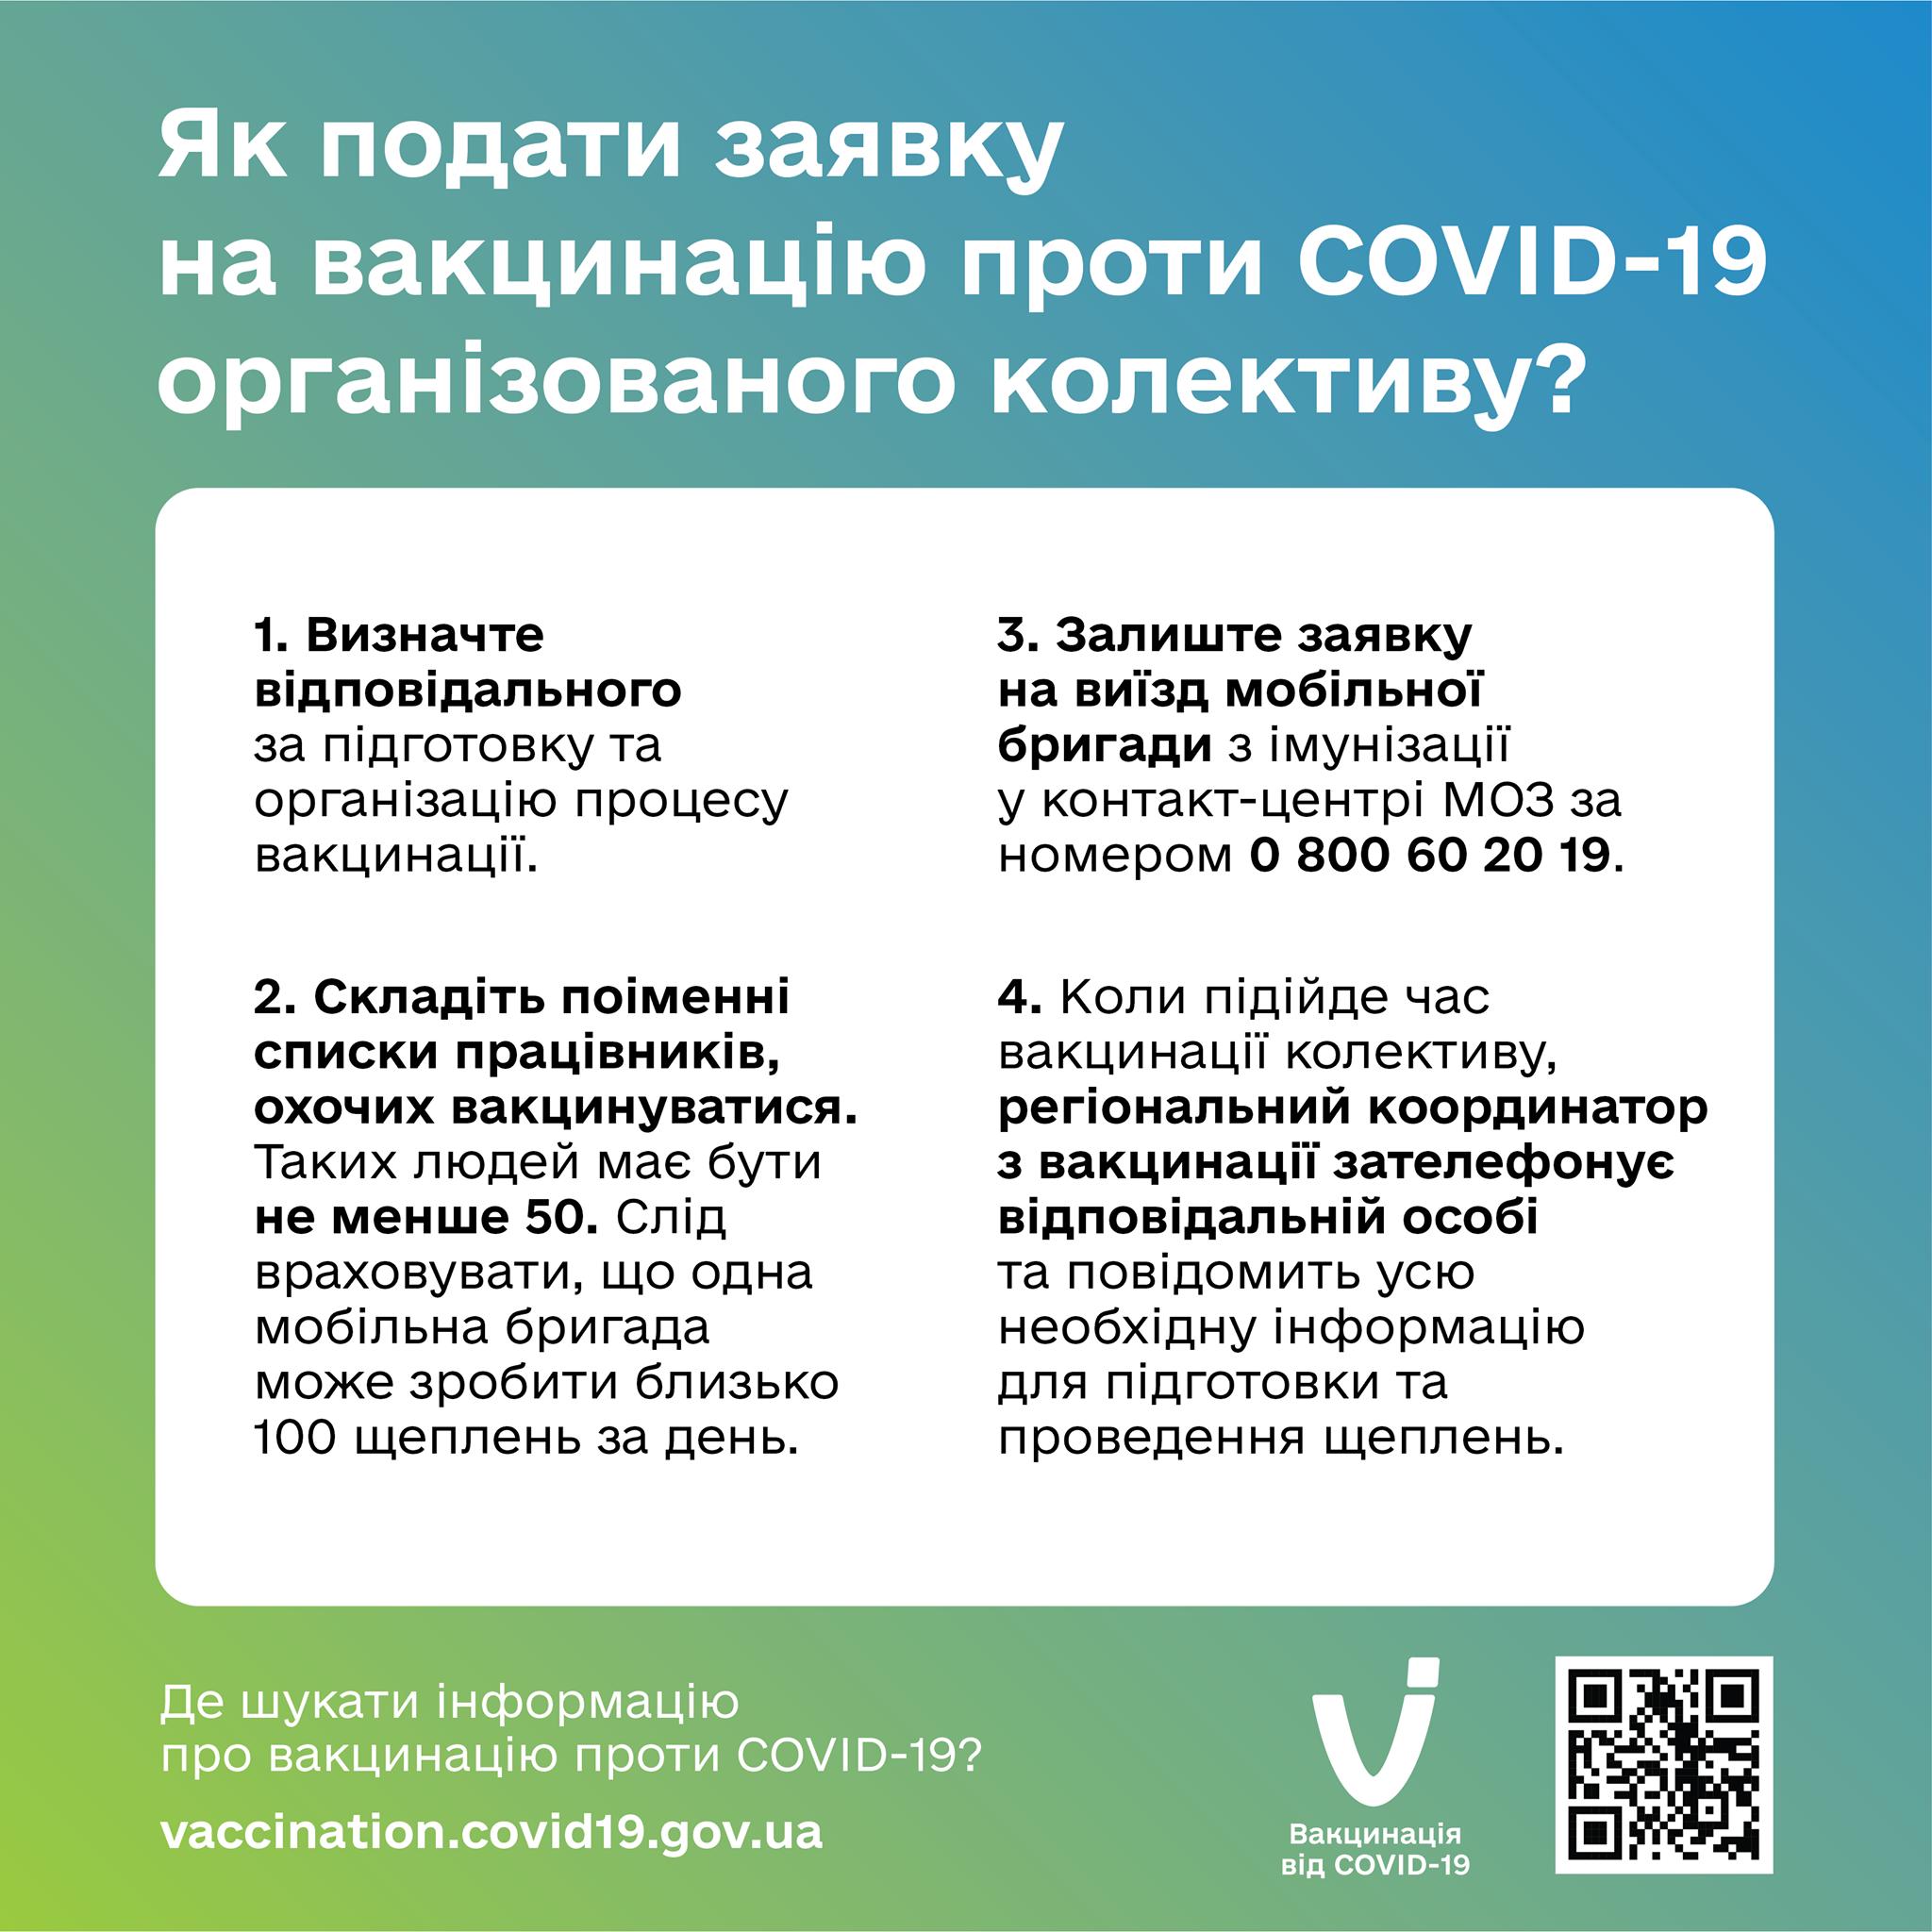 В Україні вакциною Pfizer почали прищеплювати робочі колективи